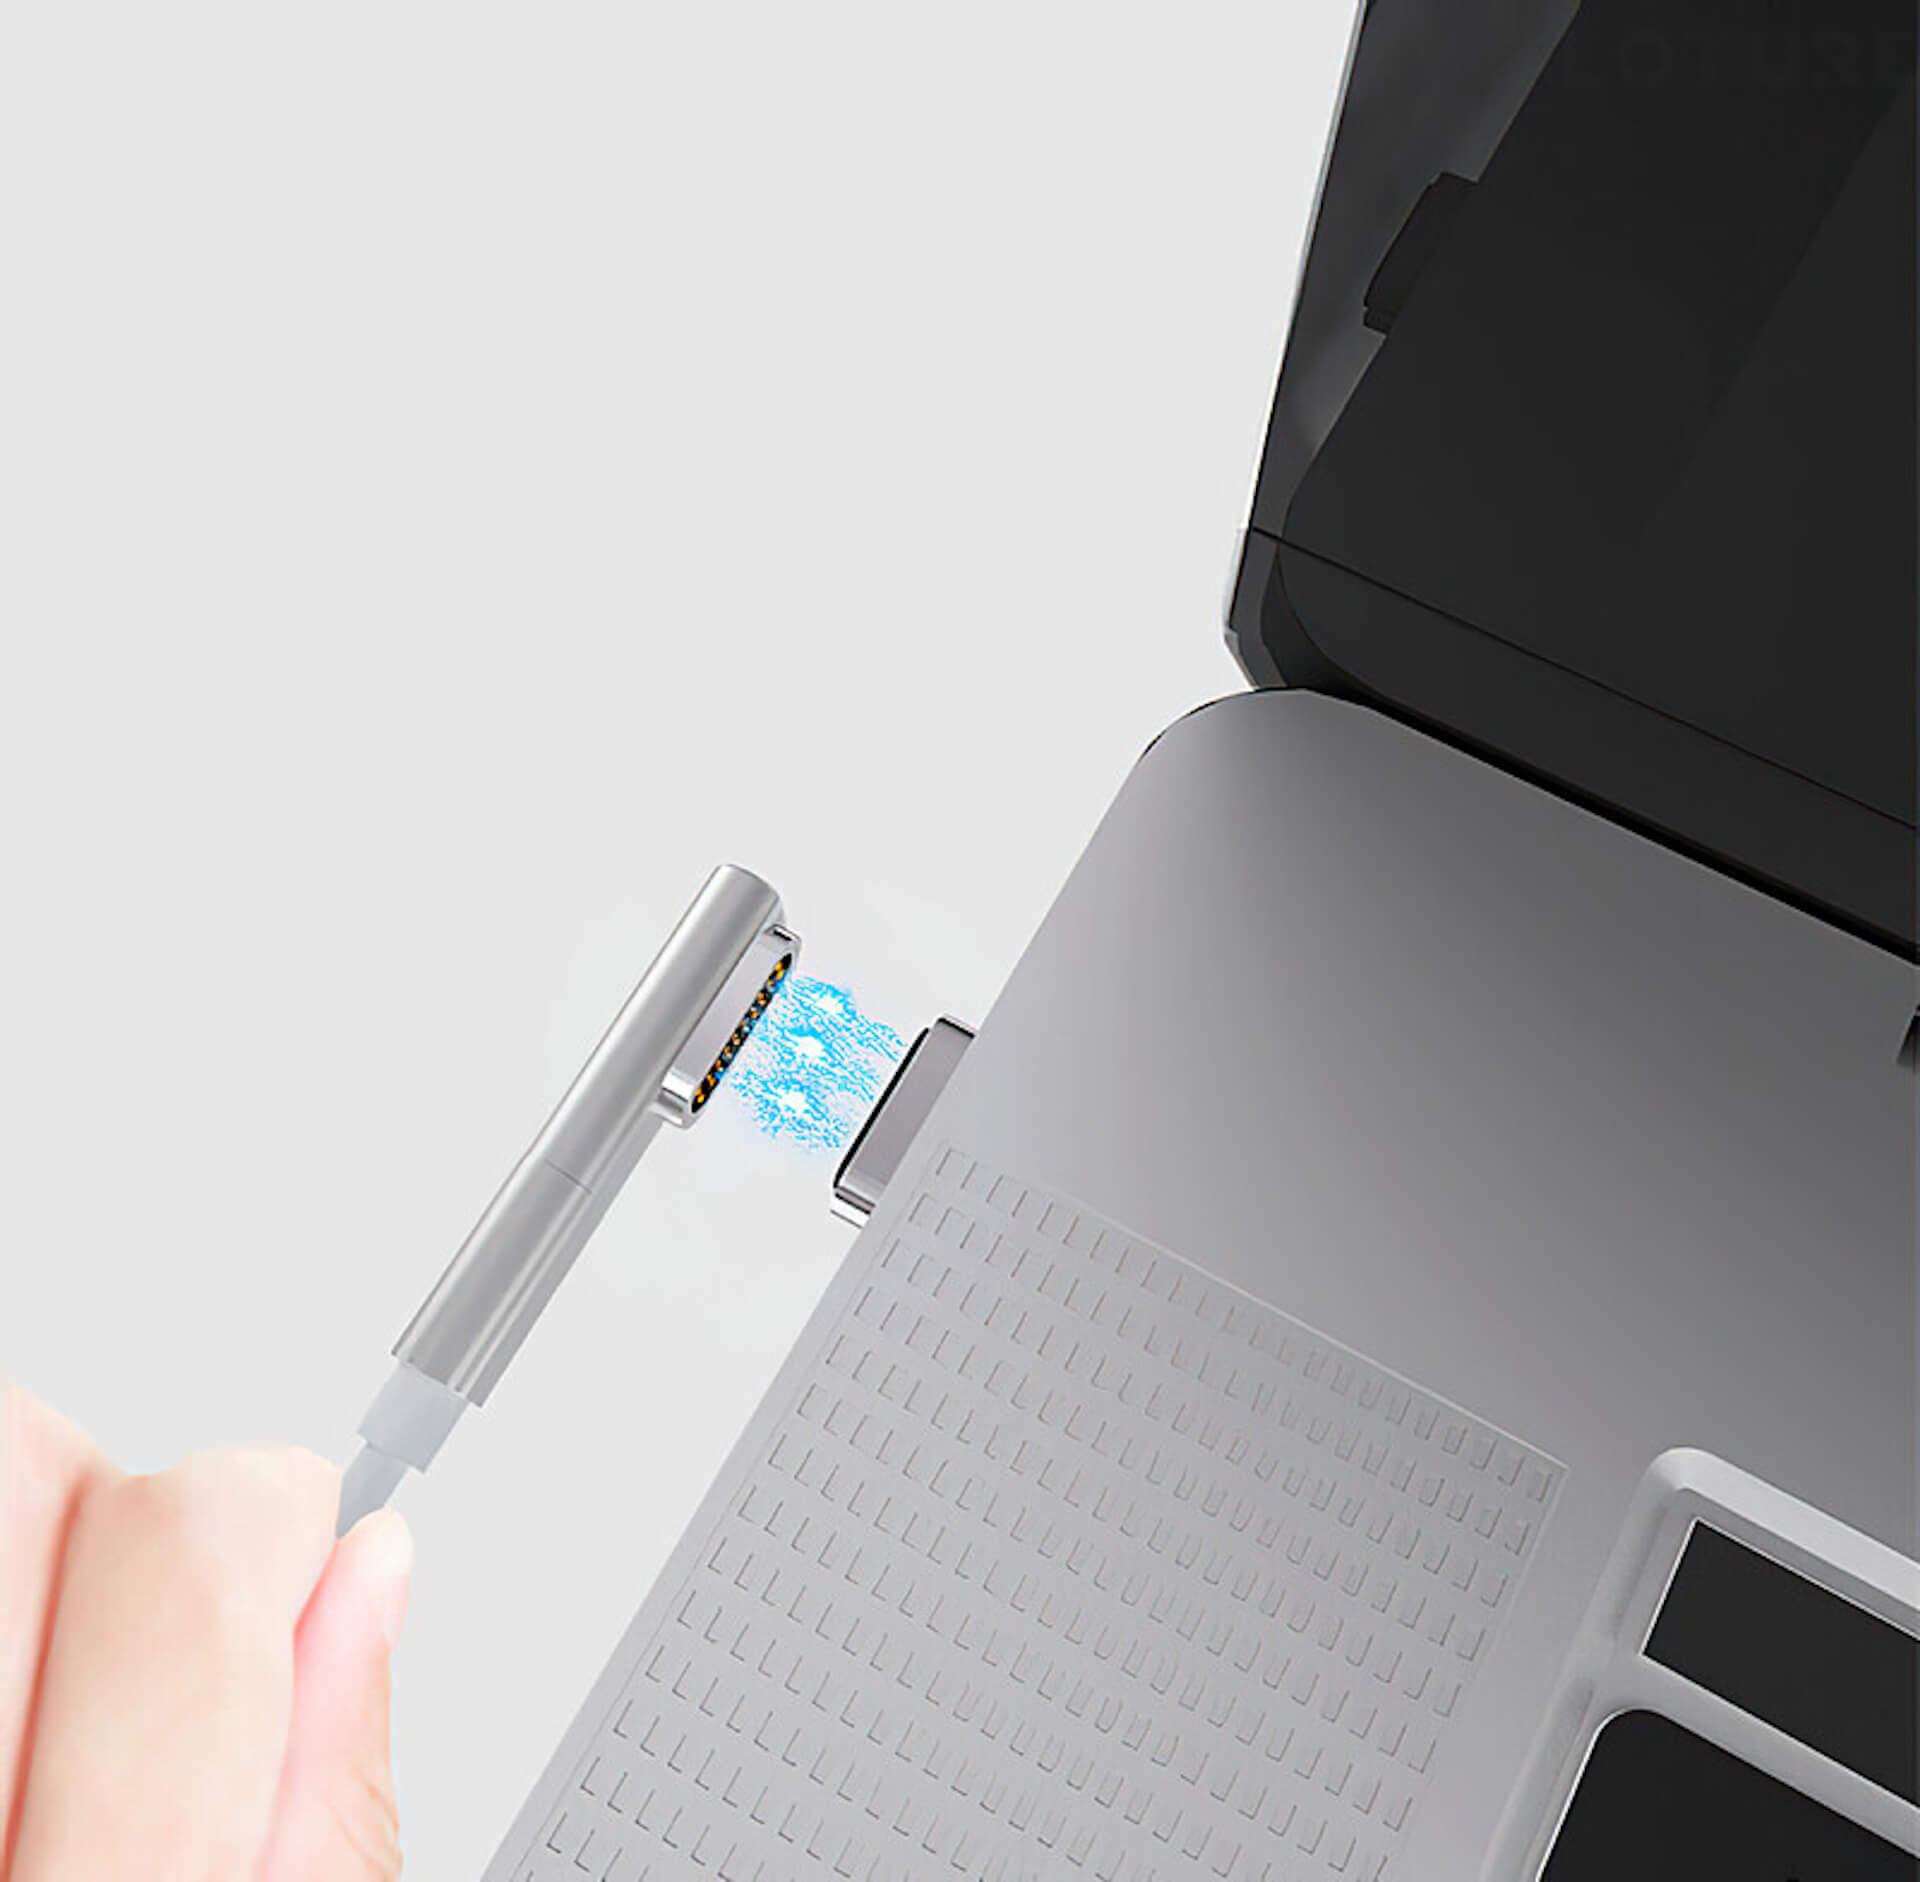 USB-Cのコネクタ同士をマグネットで引き寄せる!「HBLINK Magnet USB-C ケーブル」がGLOTURE.JPに登場 tech200625_usbc_cable_8